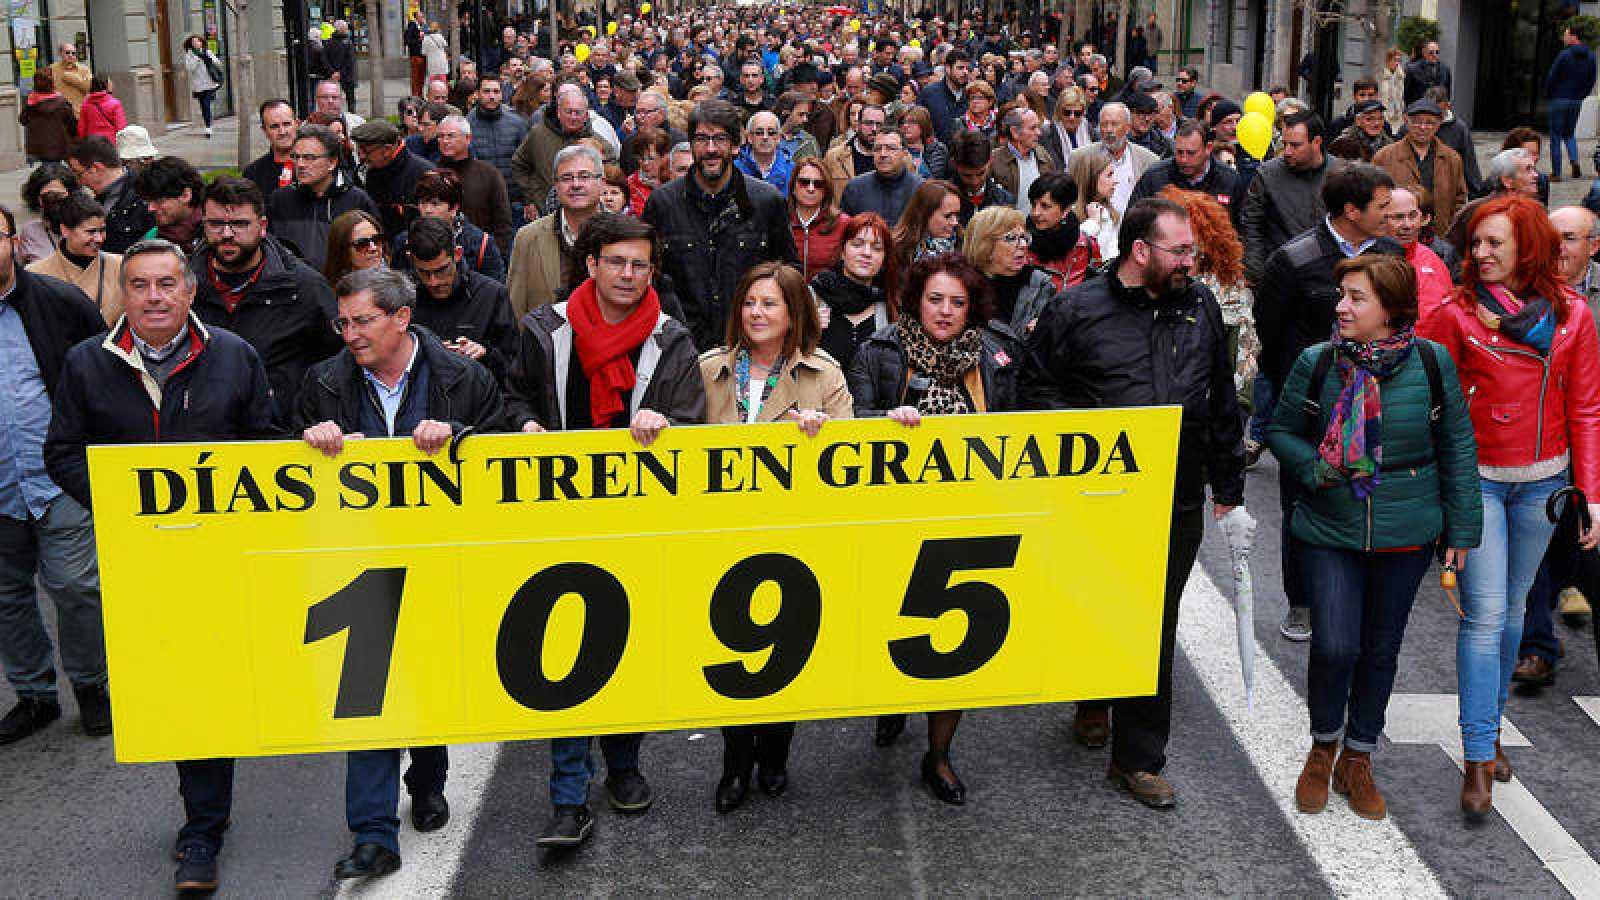 Los granadinos salen a la calle en la manifestación denominada Granada, tres años sin tren